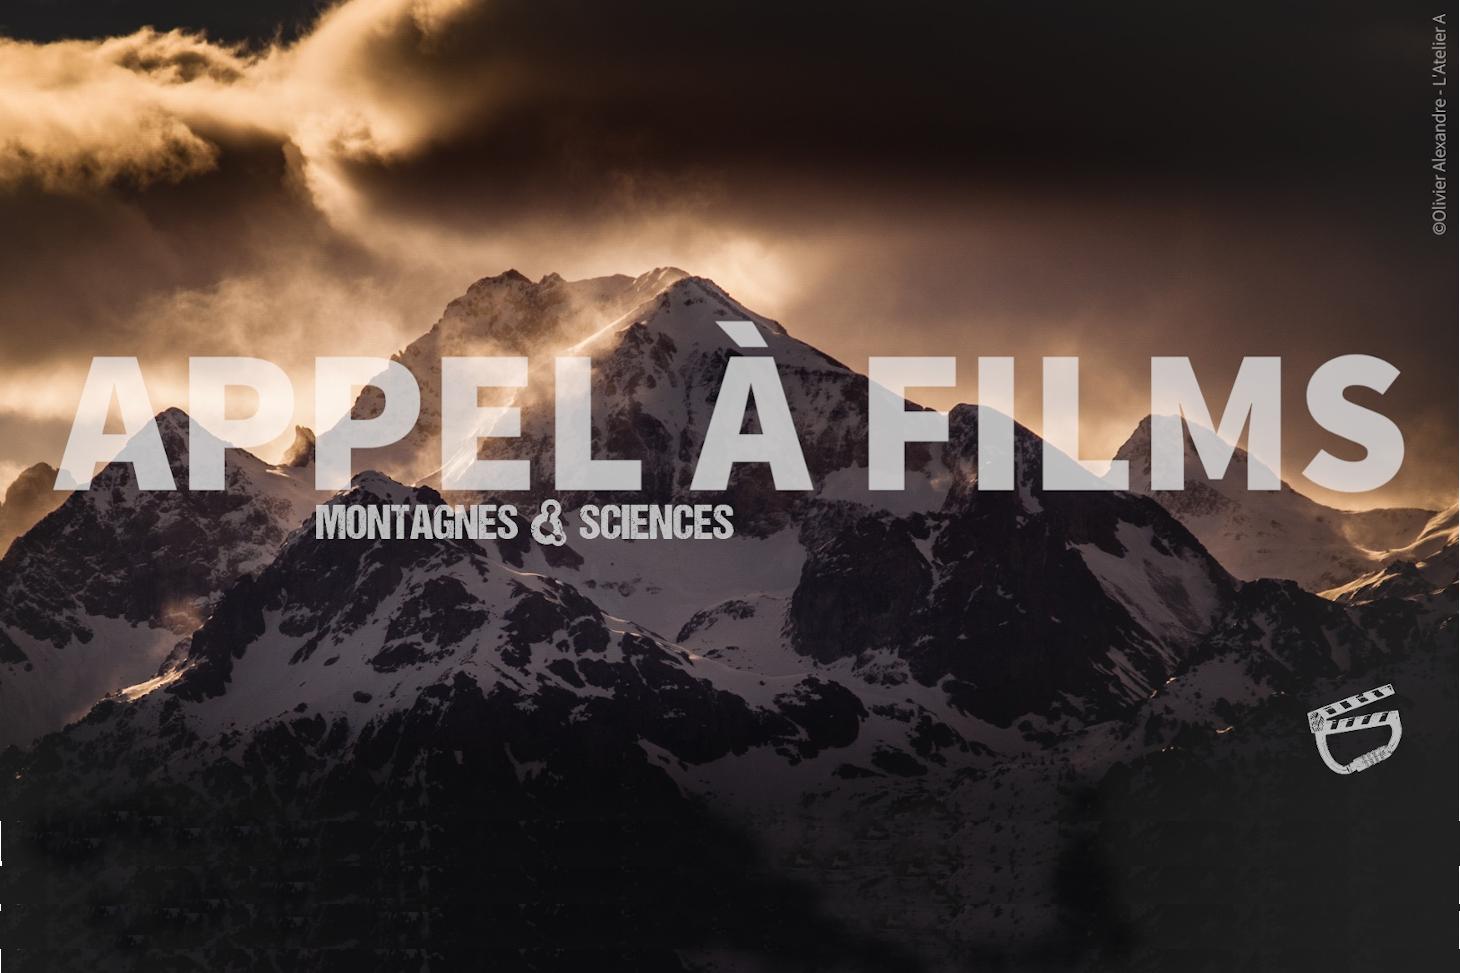 rencontre cinema montagne grenoble 2021 sites de rencontre comment ca marche